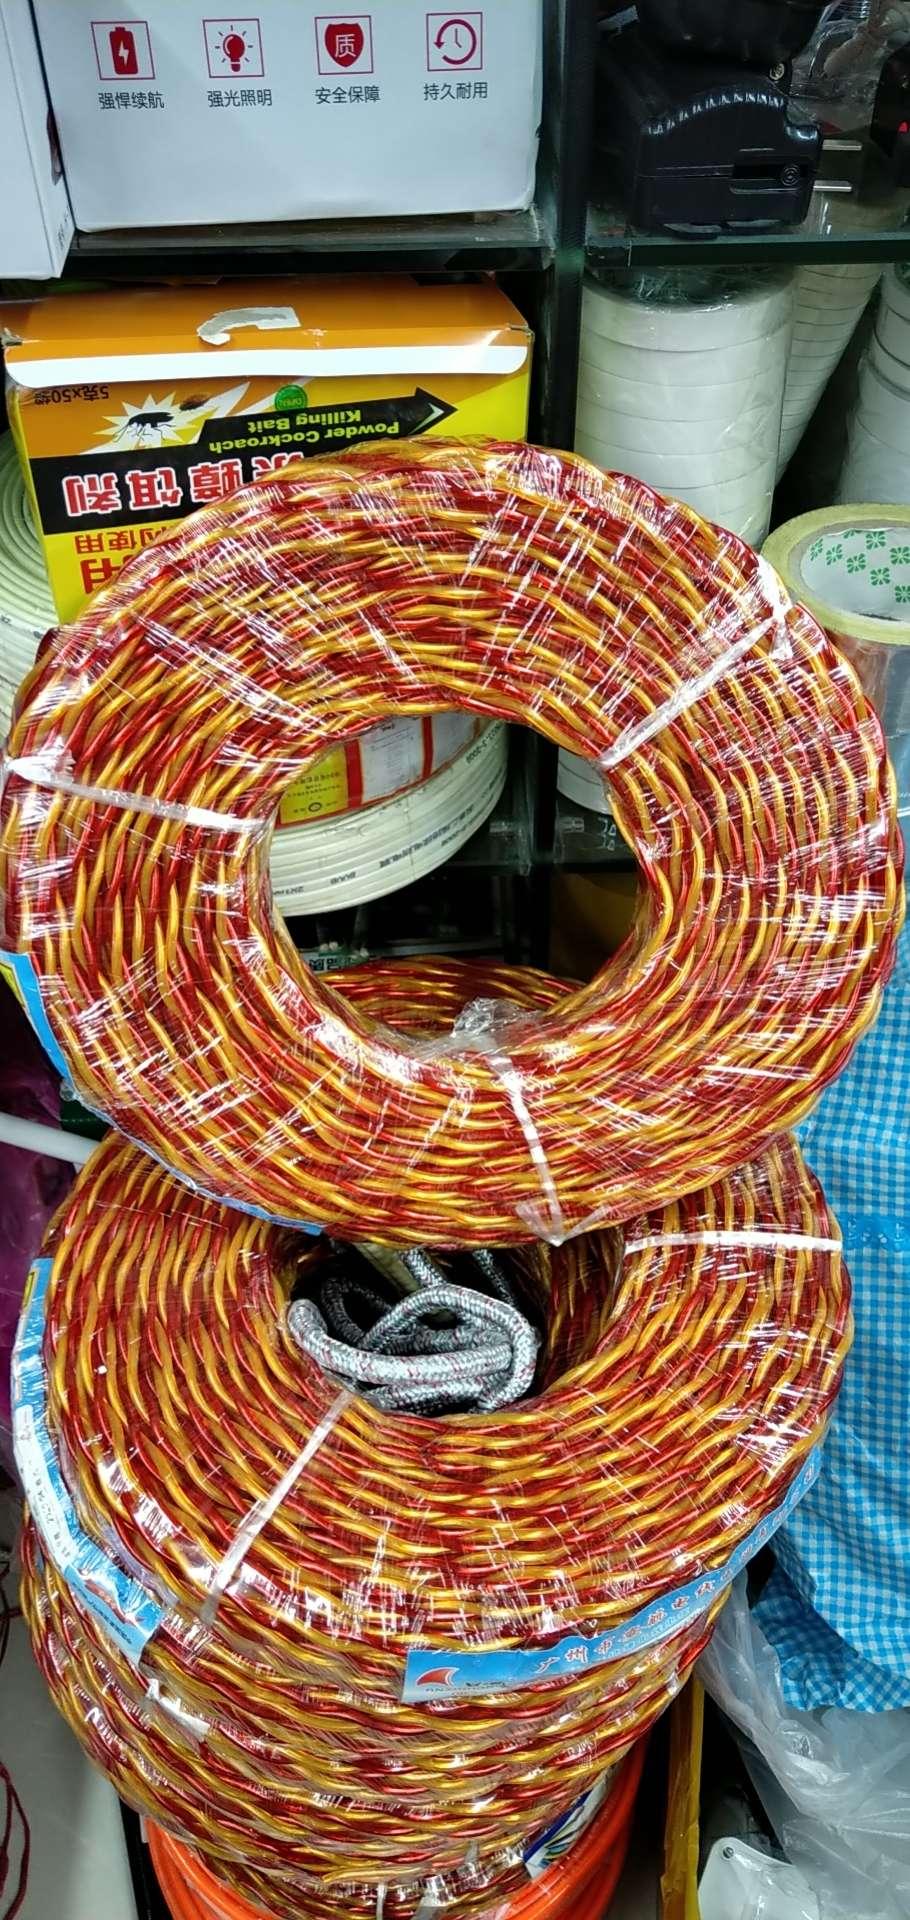 厂家直销 电工电线 可定制电线电缆批发零售 2*1.5